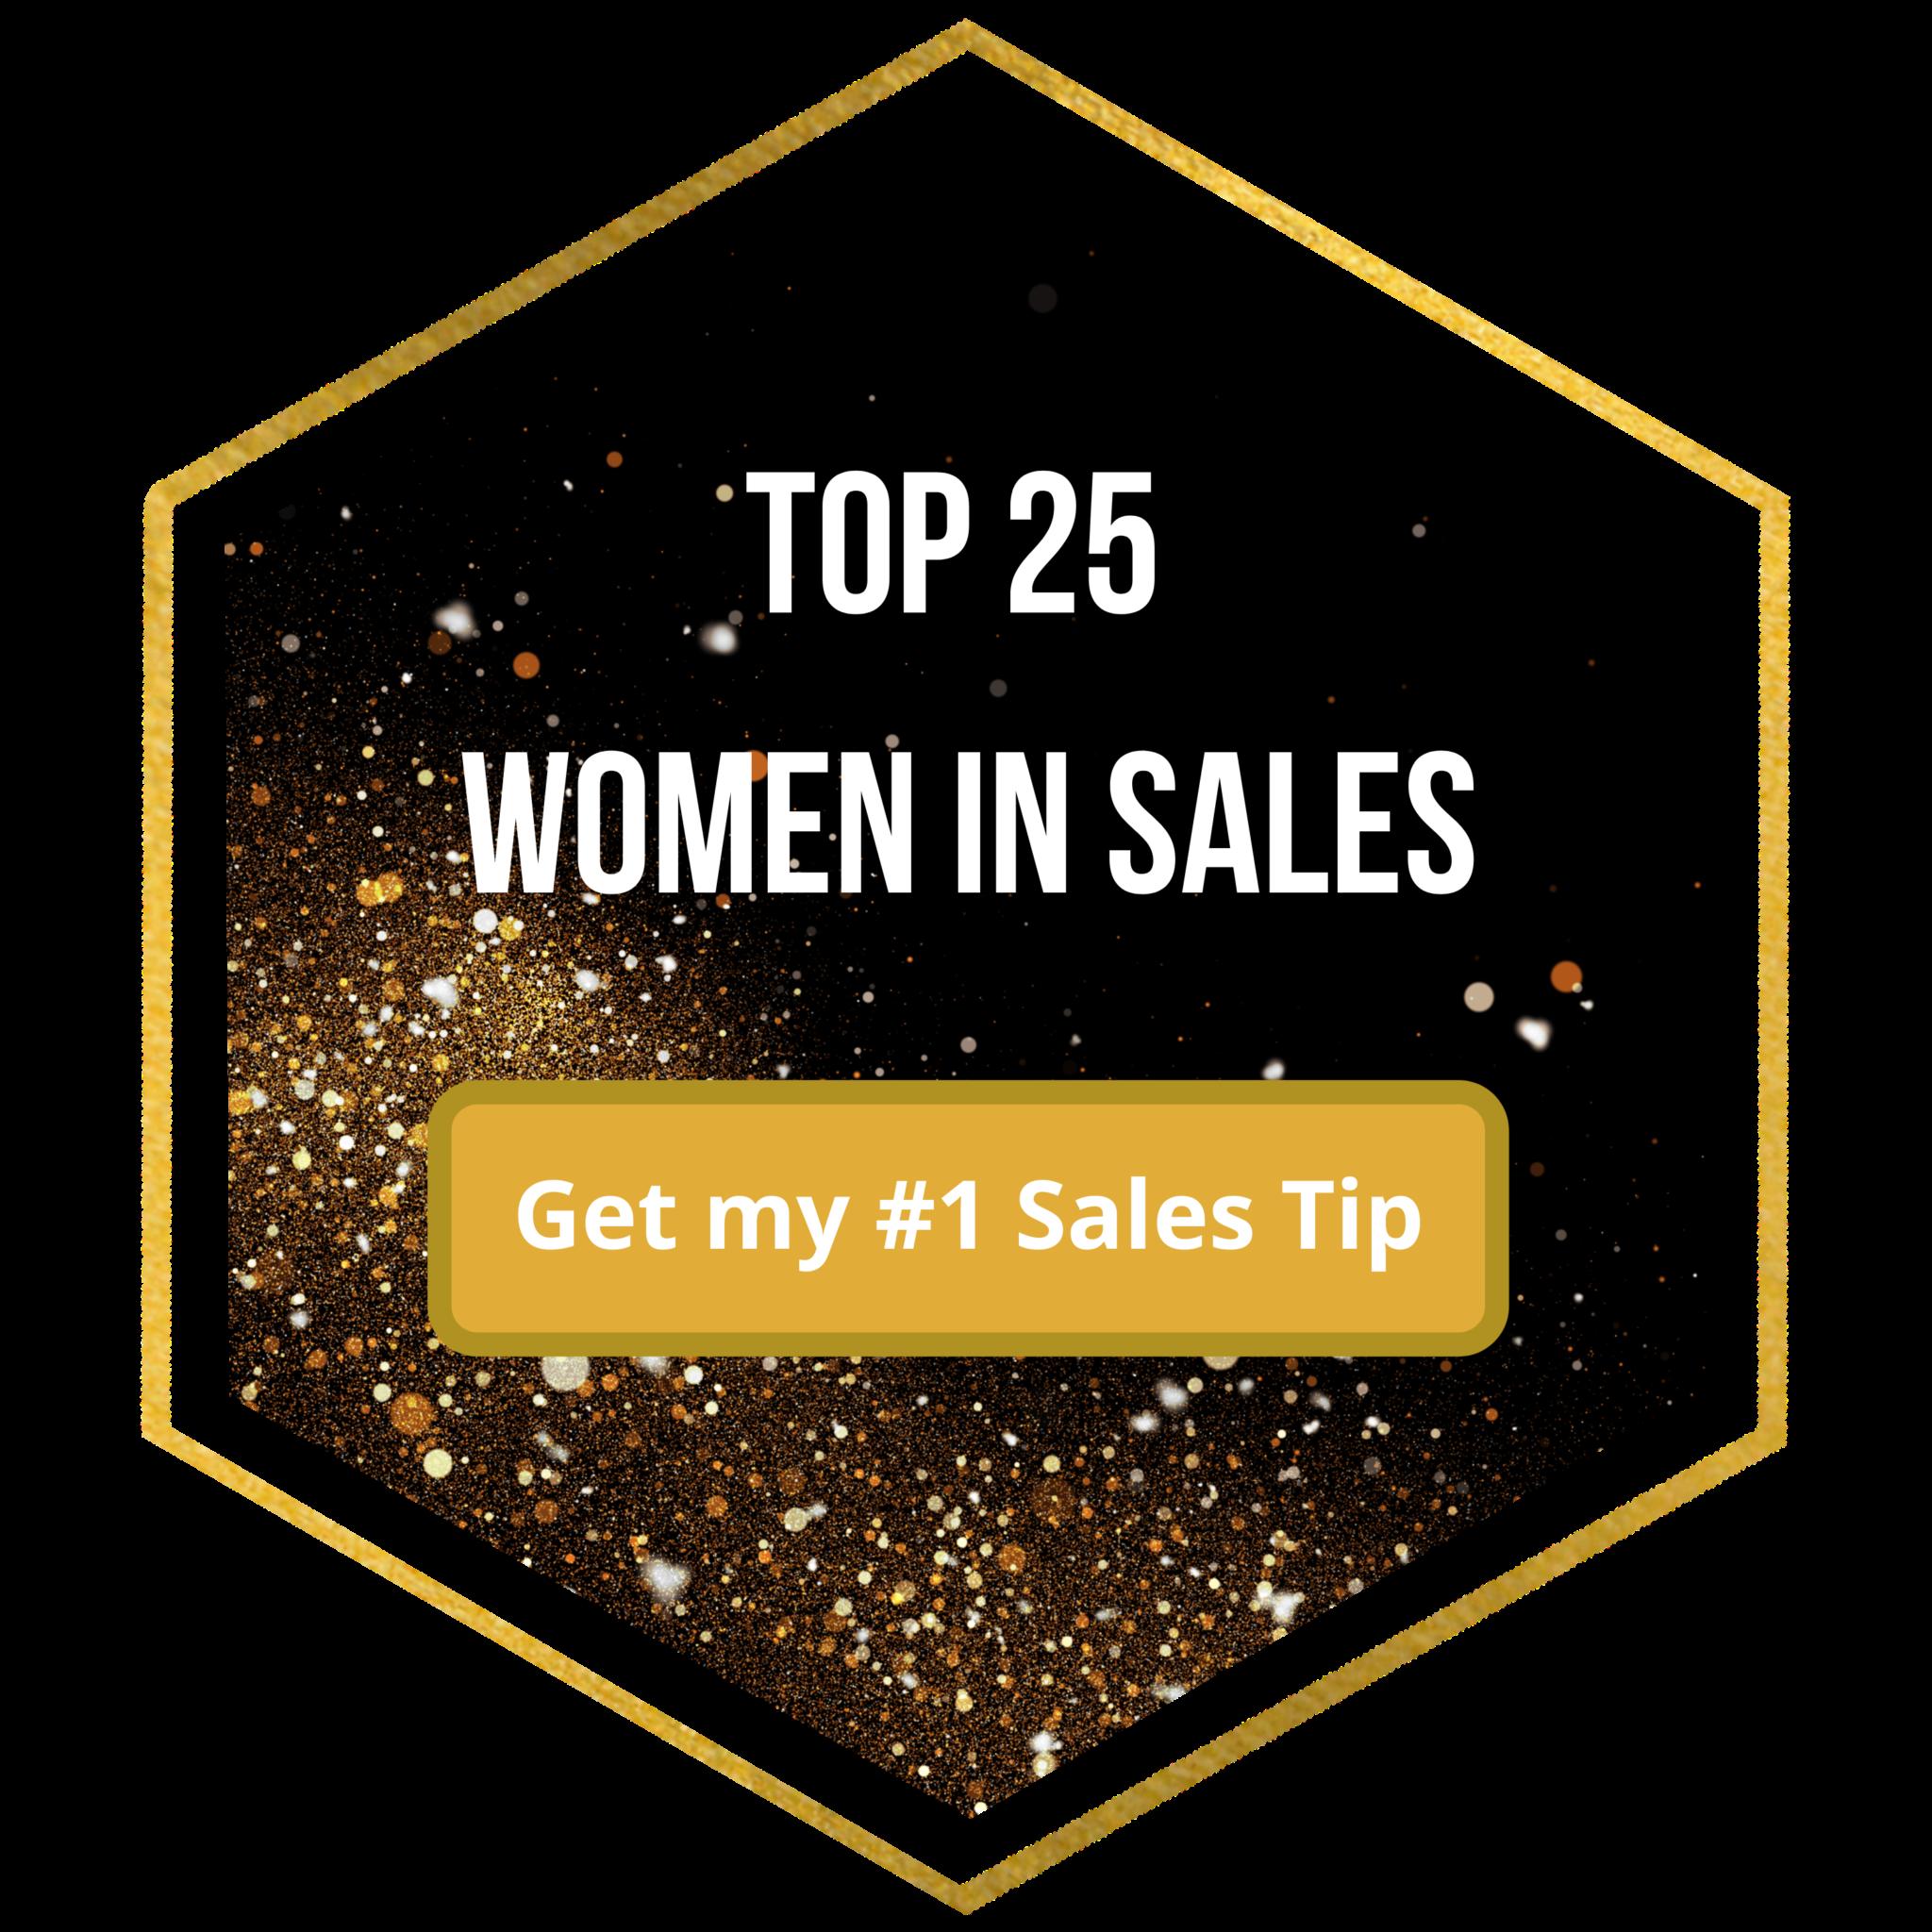 Top Women in Sales